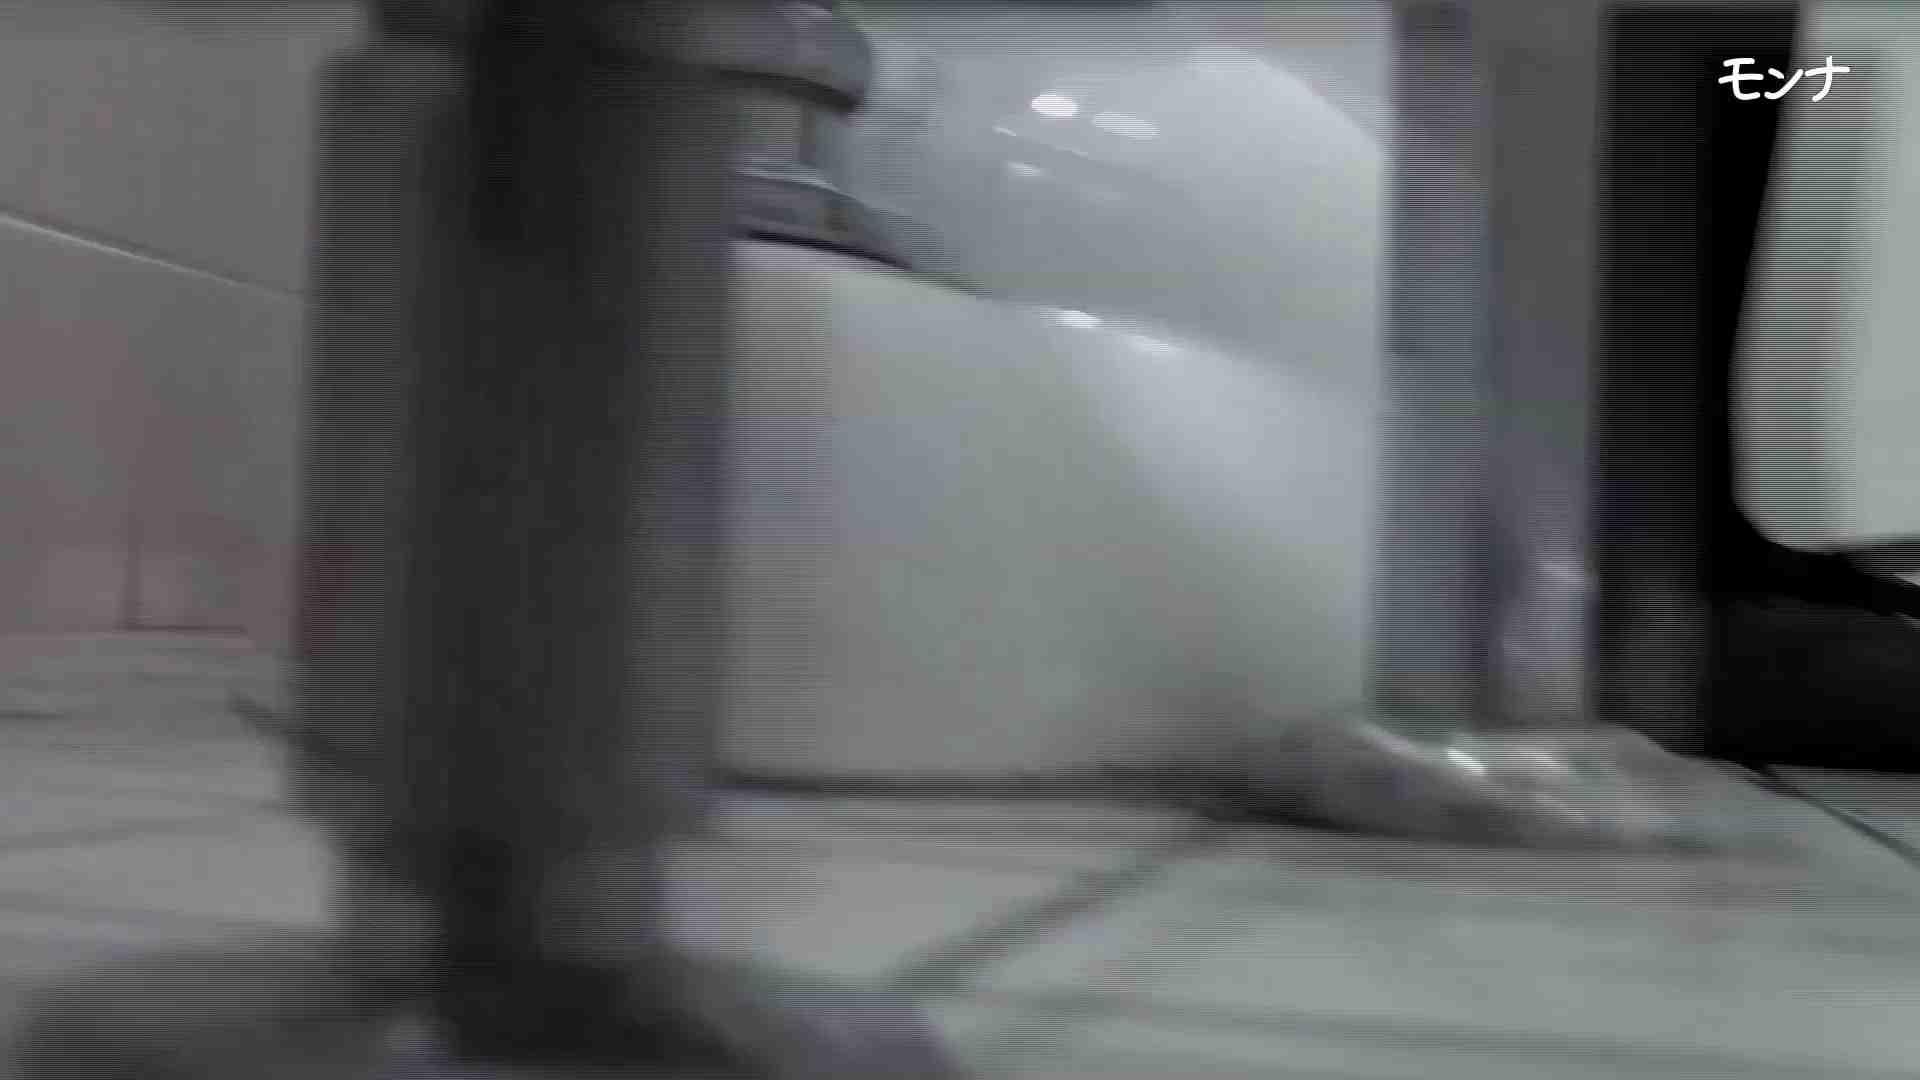 【32位 2016】美しい日本の未来 No.47 盗撮エロすぎ   おまんこ無修正  33連発